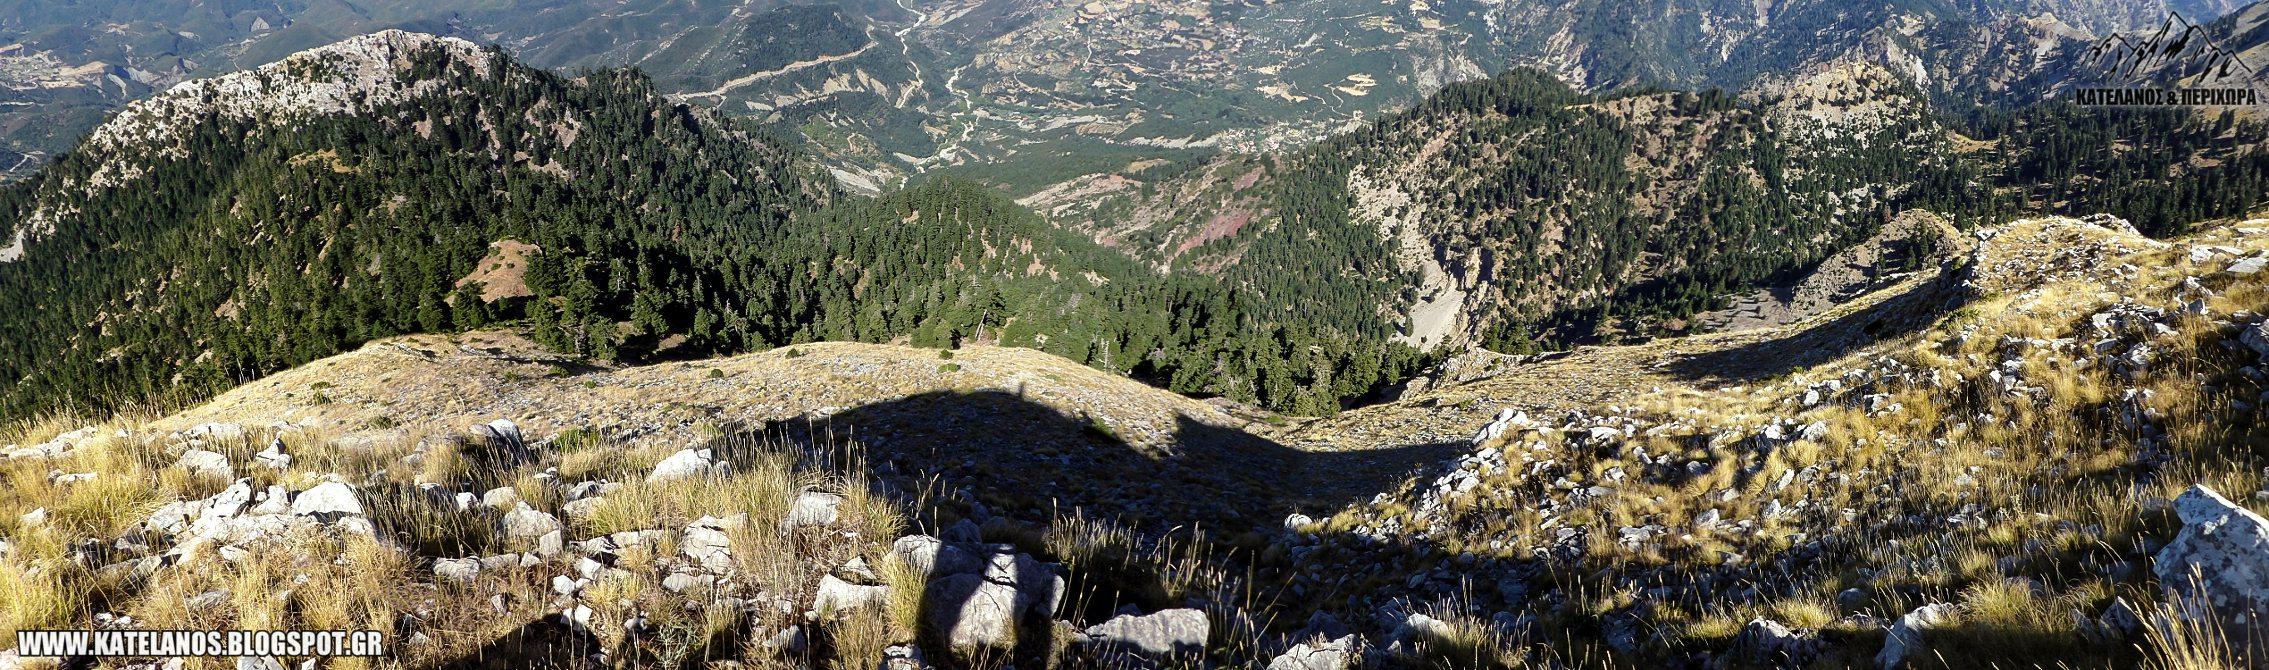 πεντακορφο αιτωλοακαρνανιας βουνα